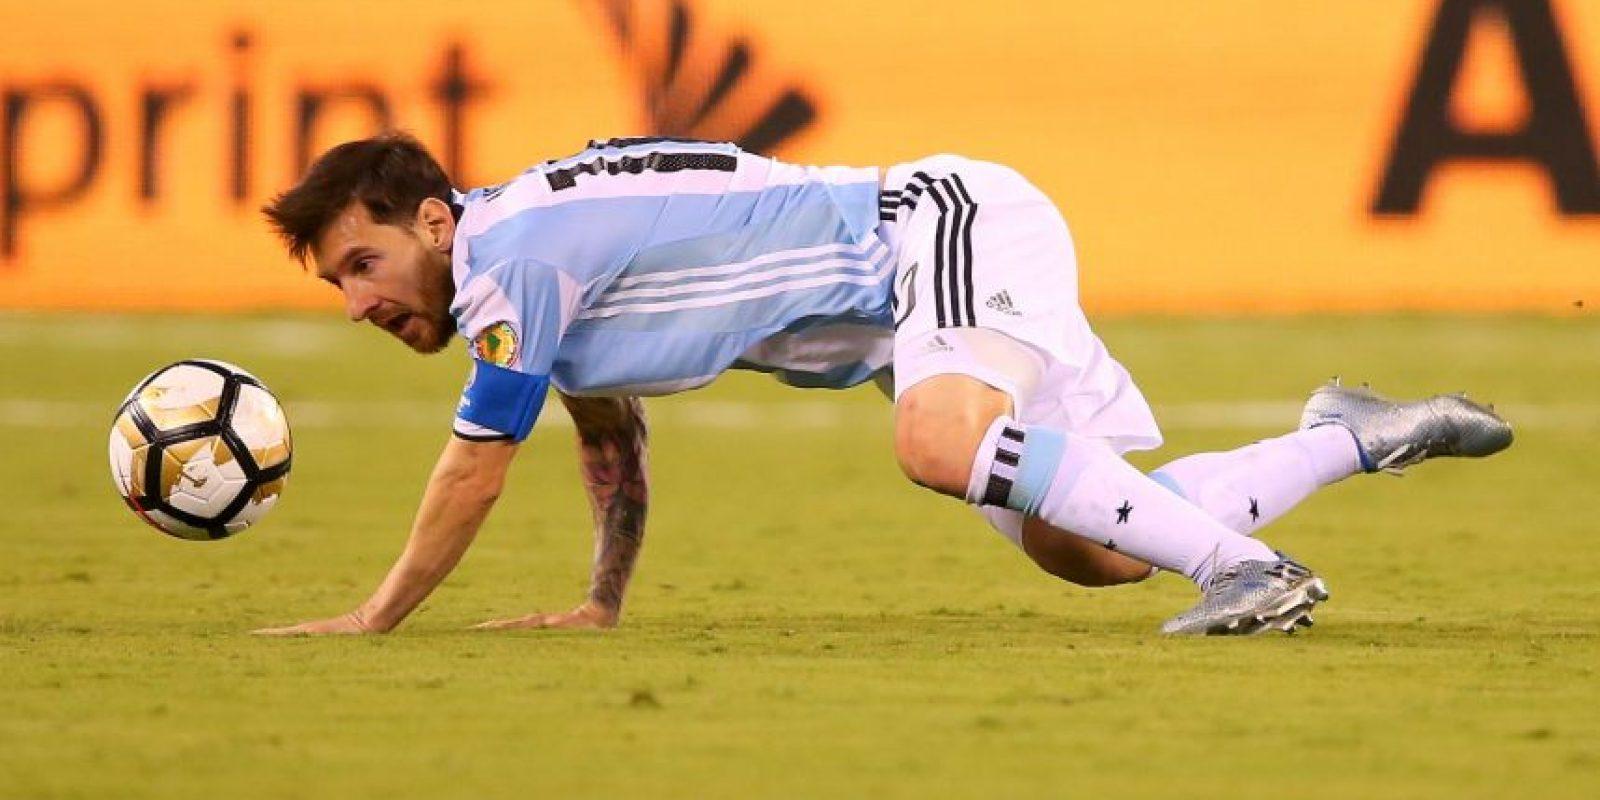 El próximo técnico o el propio Gerardo Martino ya no tendrán a Lionel Messi Foto:Getty Images